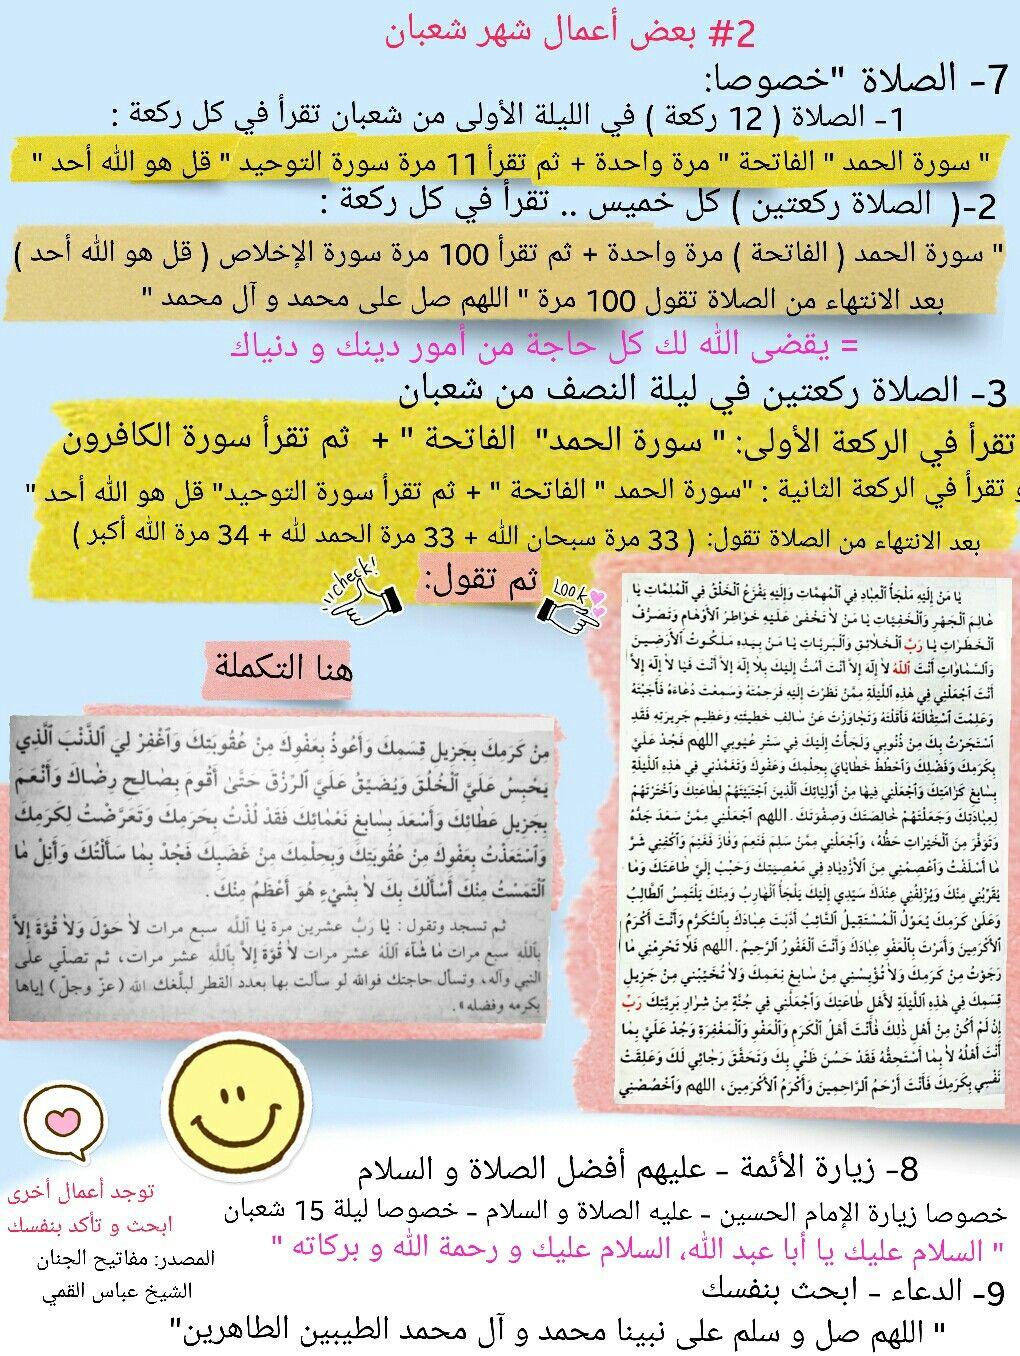 2بعض أعمال شهر شعبان شهر النبي محمد صلى الله عليه و آله و سلم Word Search Puzzle Words Bullet Journal